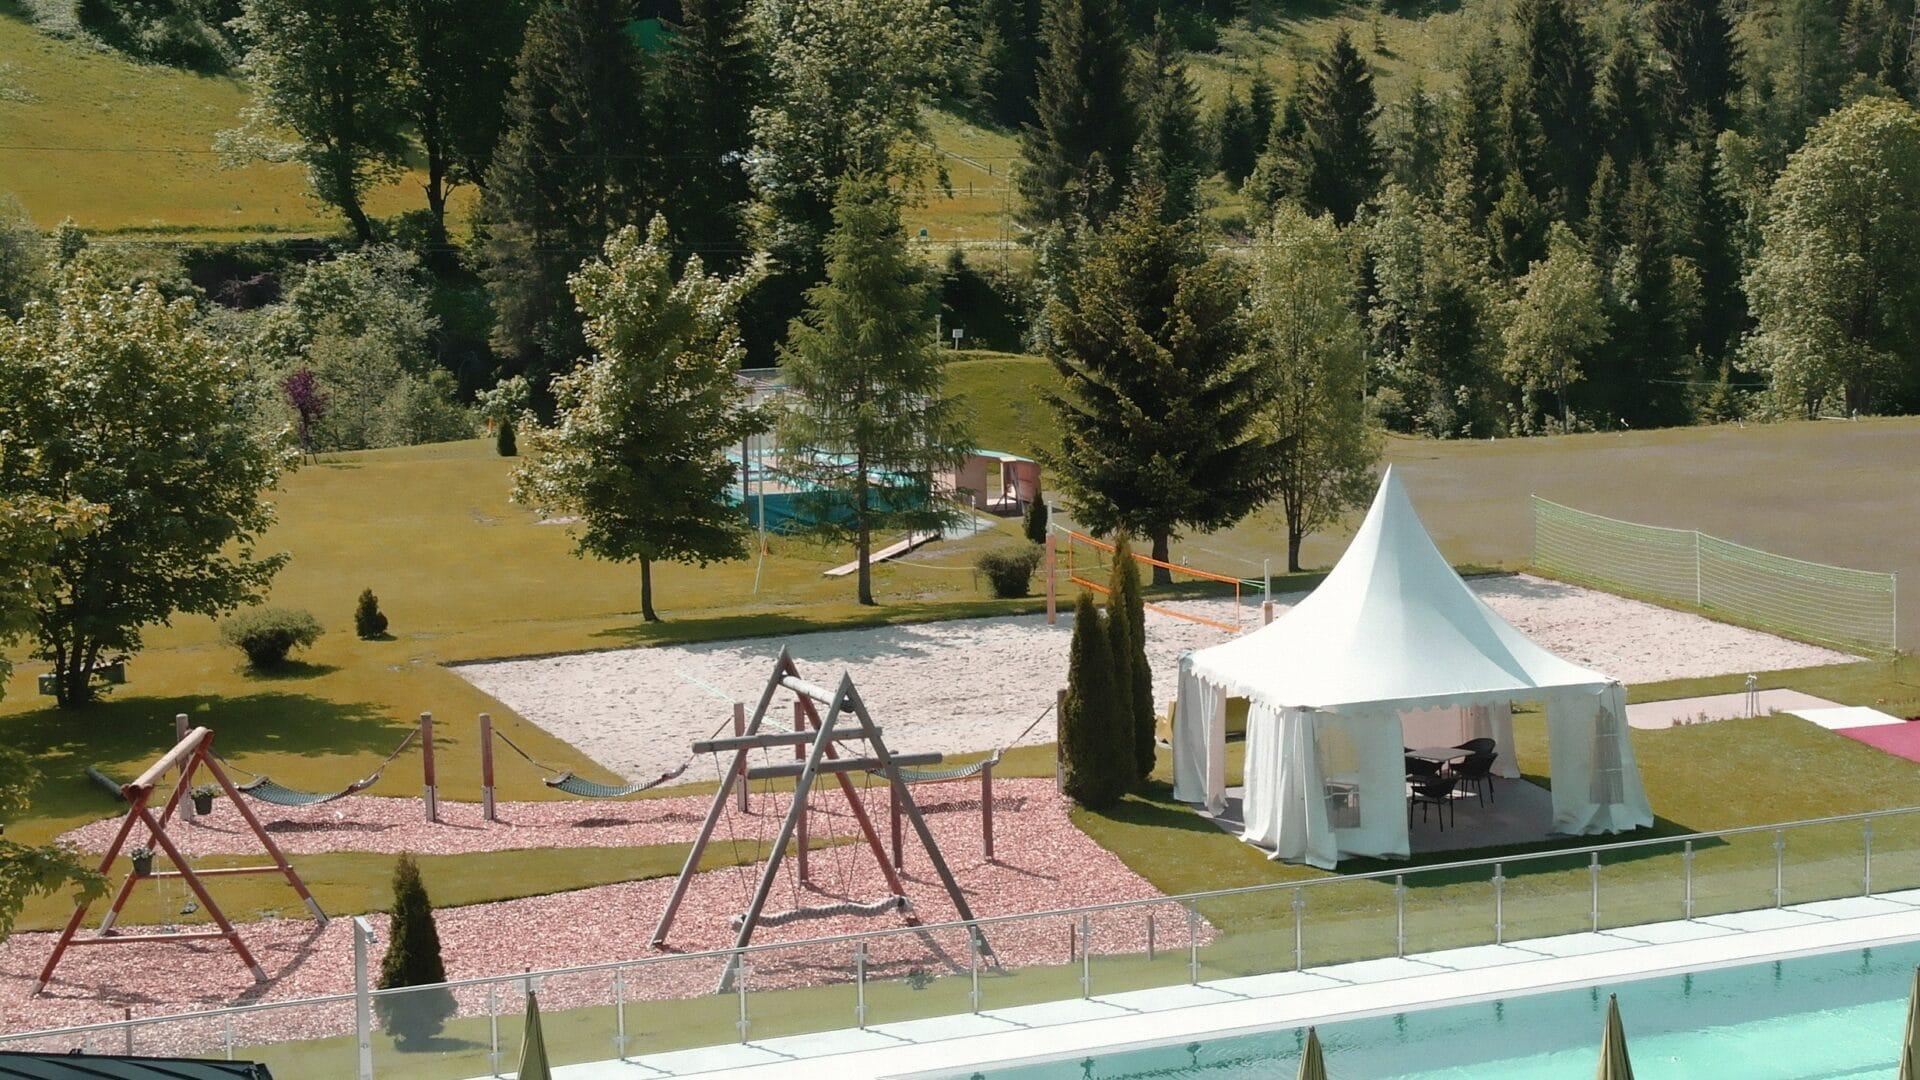 hofgut-apartment-lifestyle-resort-ueberblick-sportpool-anlage-spielplatz